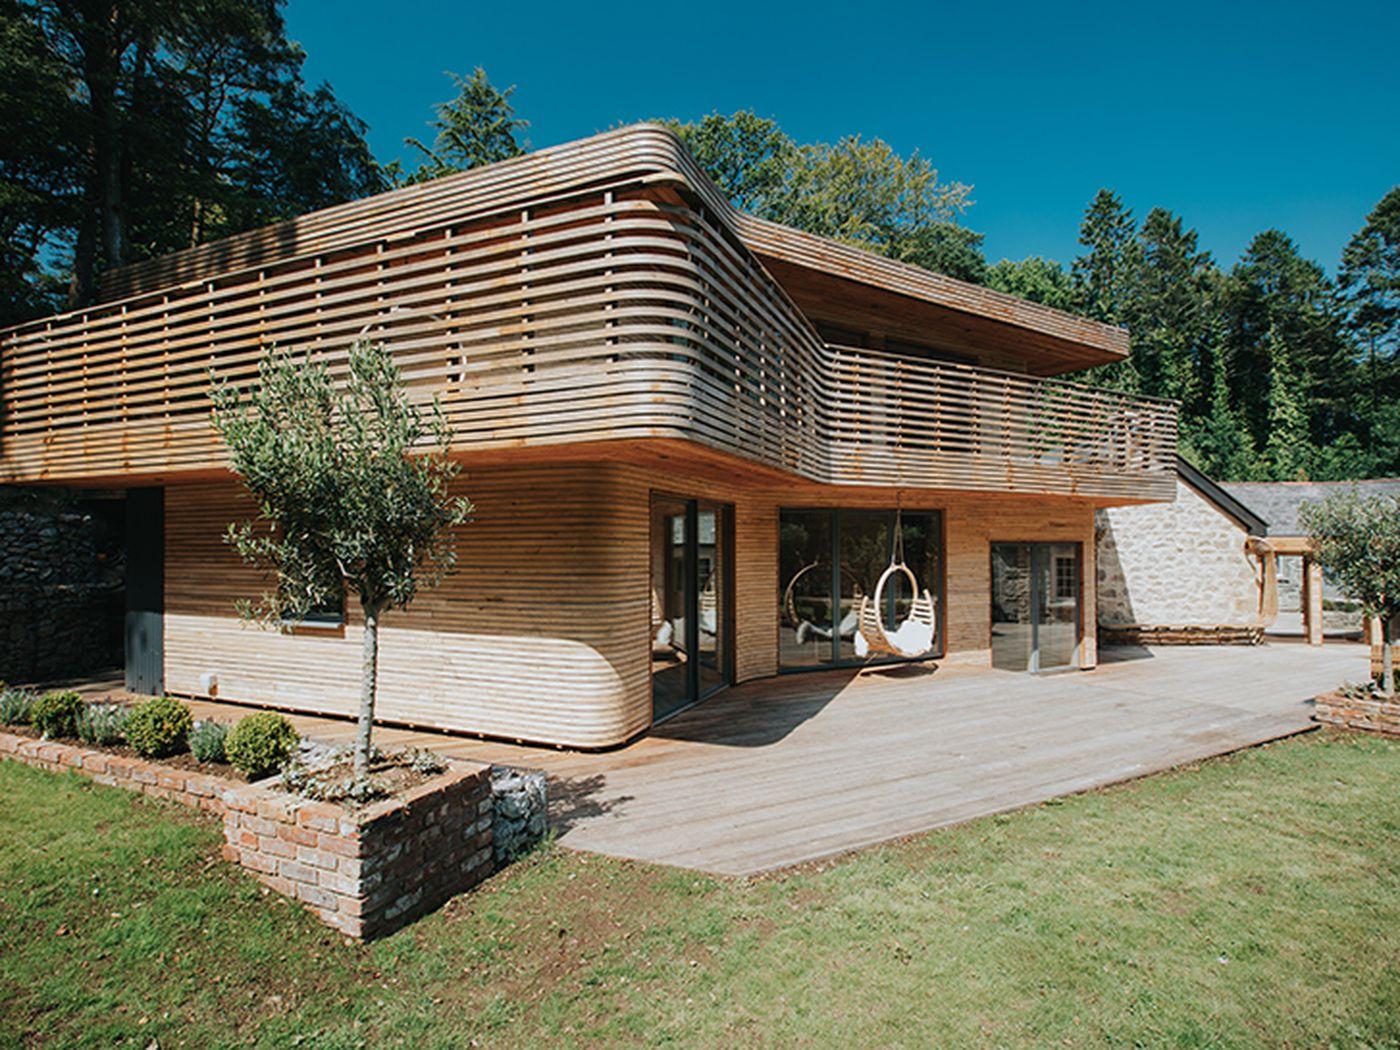 La spettacolare casa di legno che un designer di arredamento ha costruito con le proprie mani